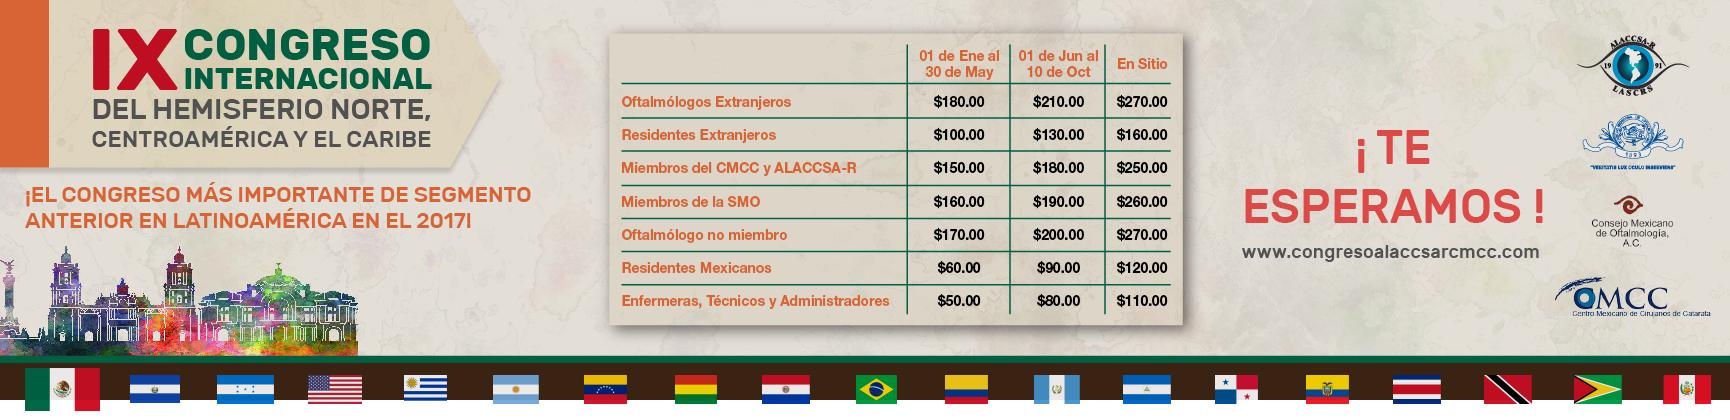 banner_web_congreso